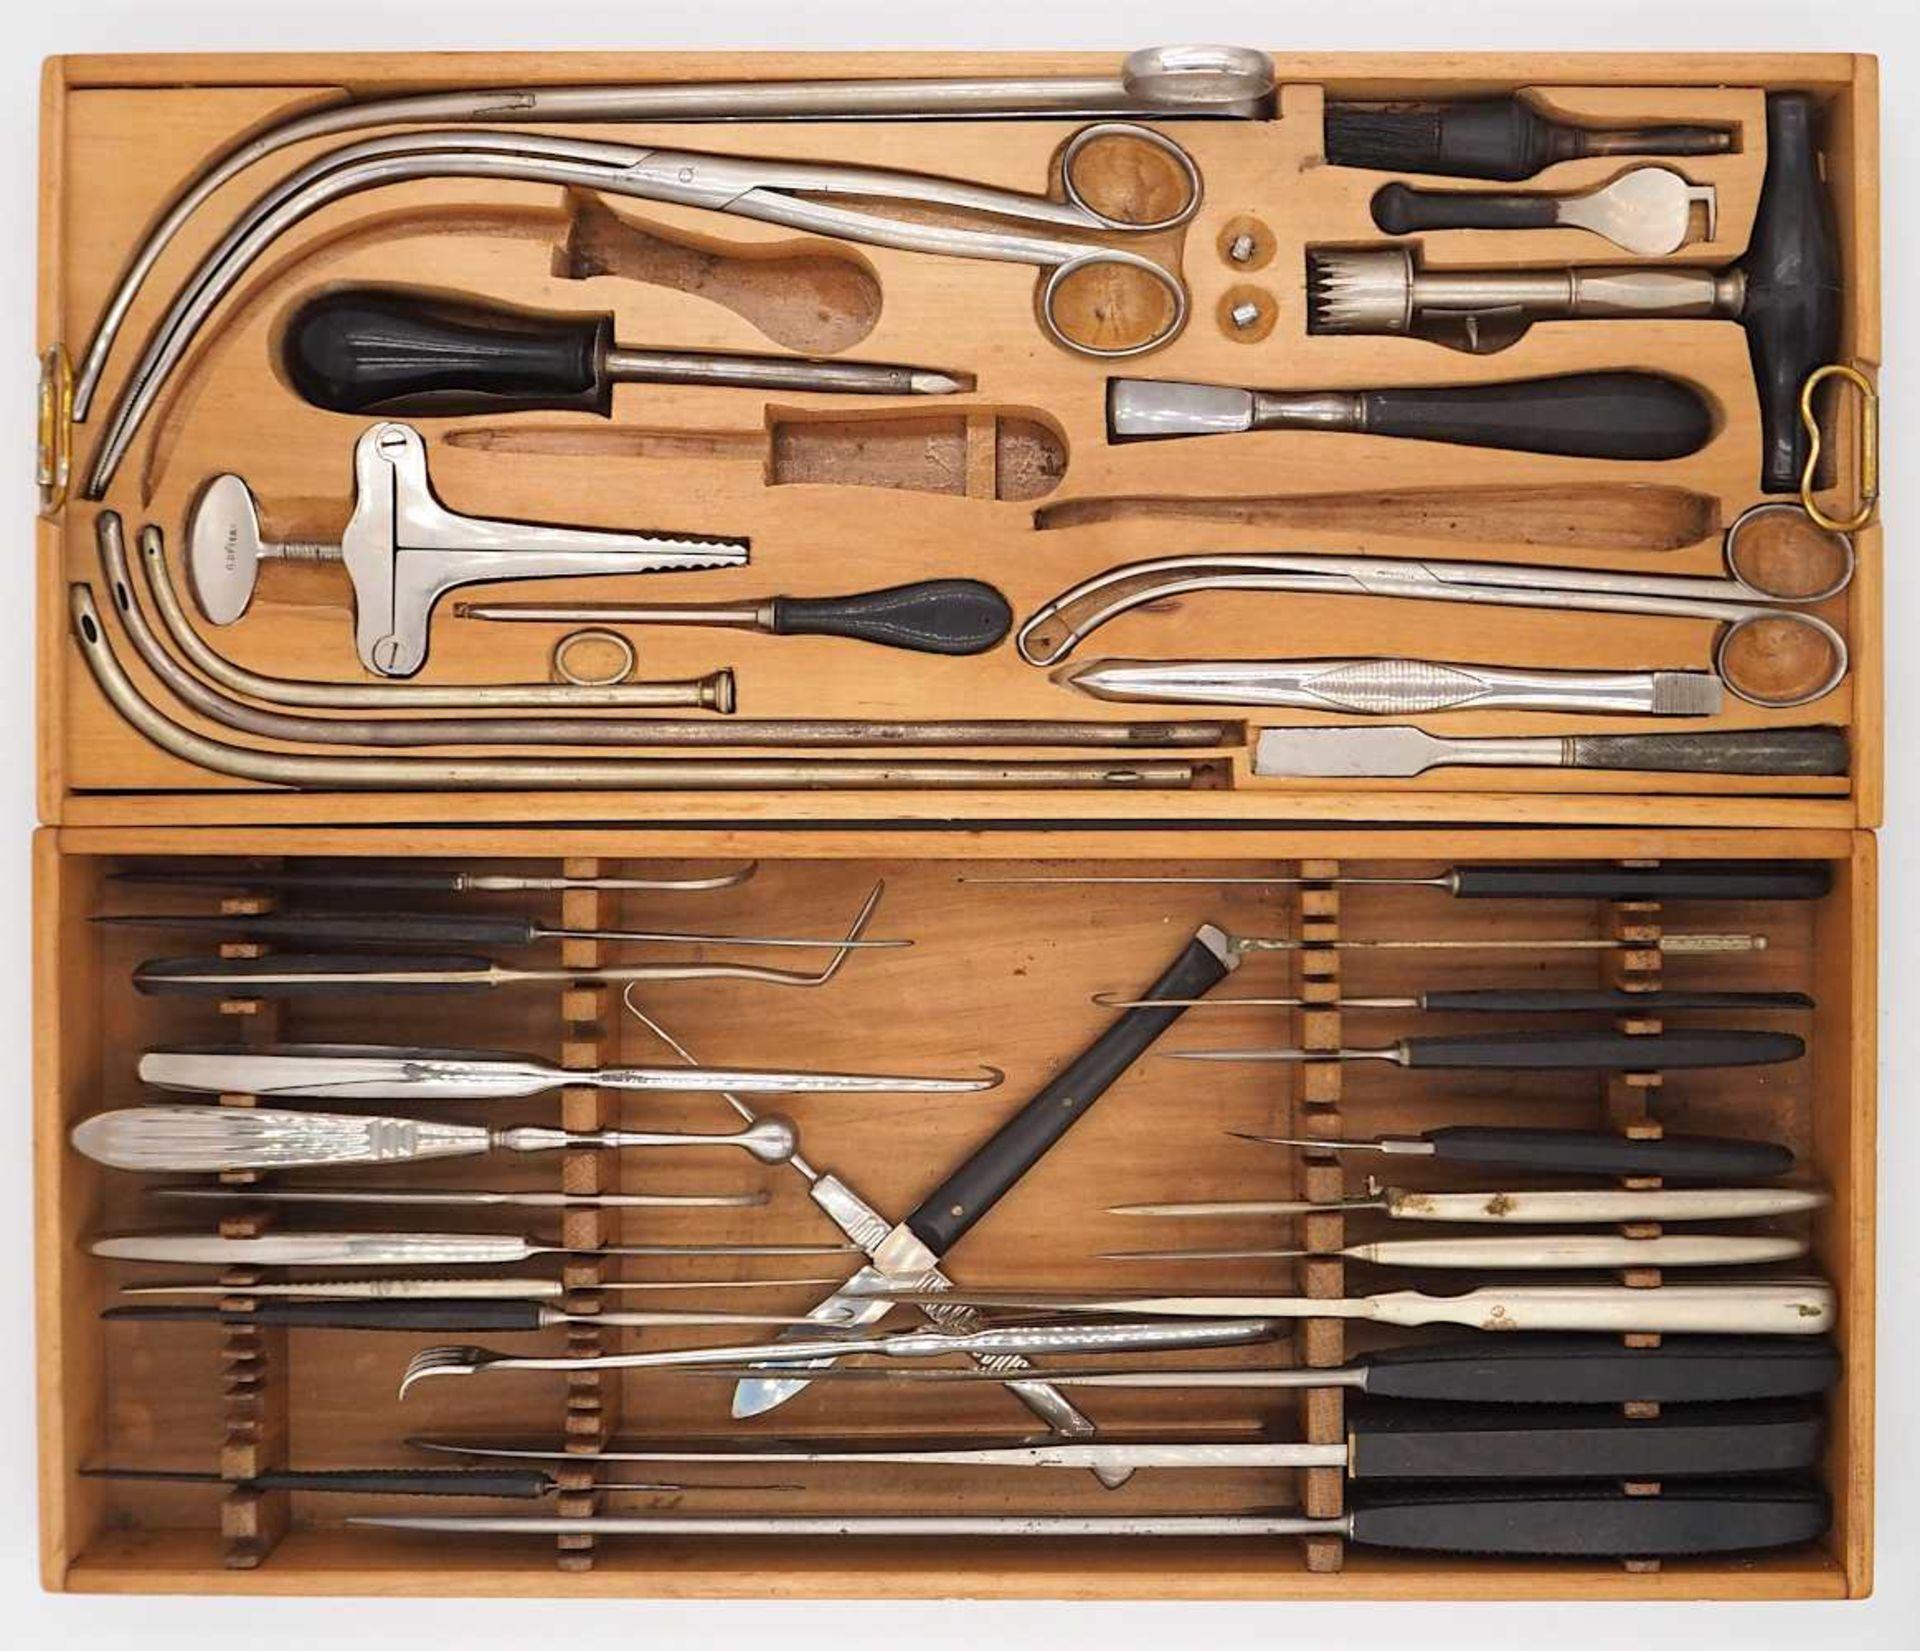 1 Holztragekoffer mit chirurgischen Instrumenten R. DETERT, Berlin, 20. Jh. mit chirur - Bild 2 aus 3